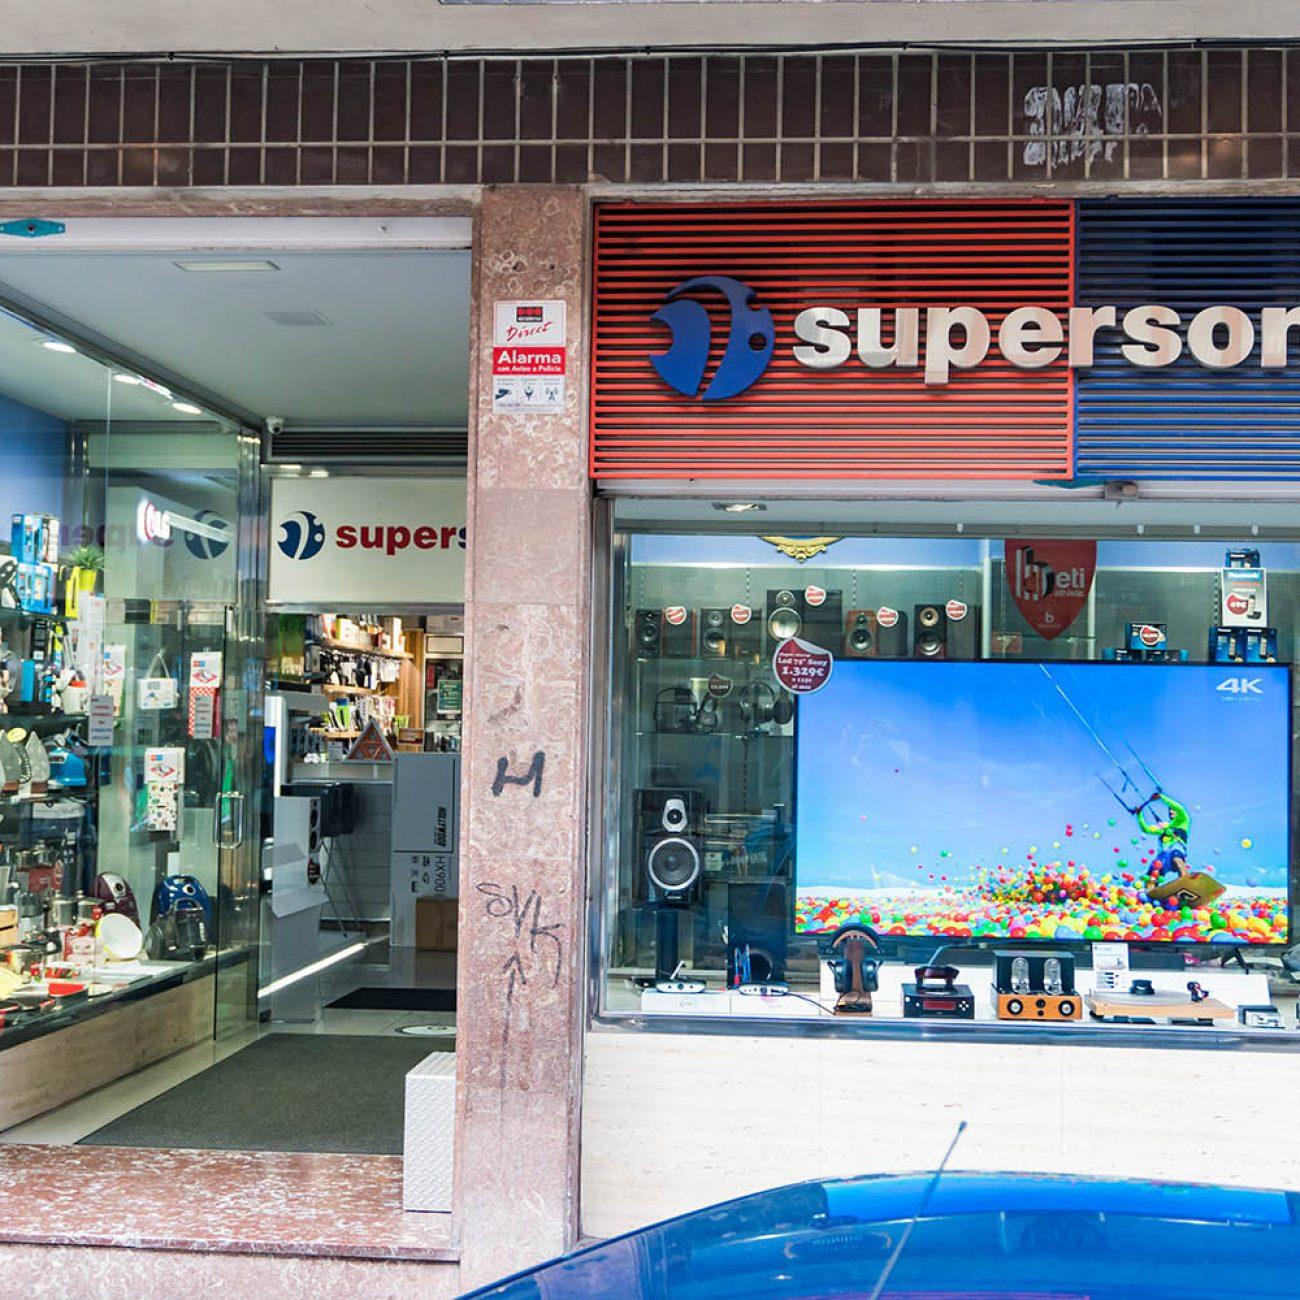 SUPERSONIDO